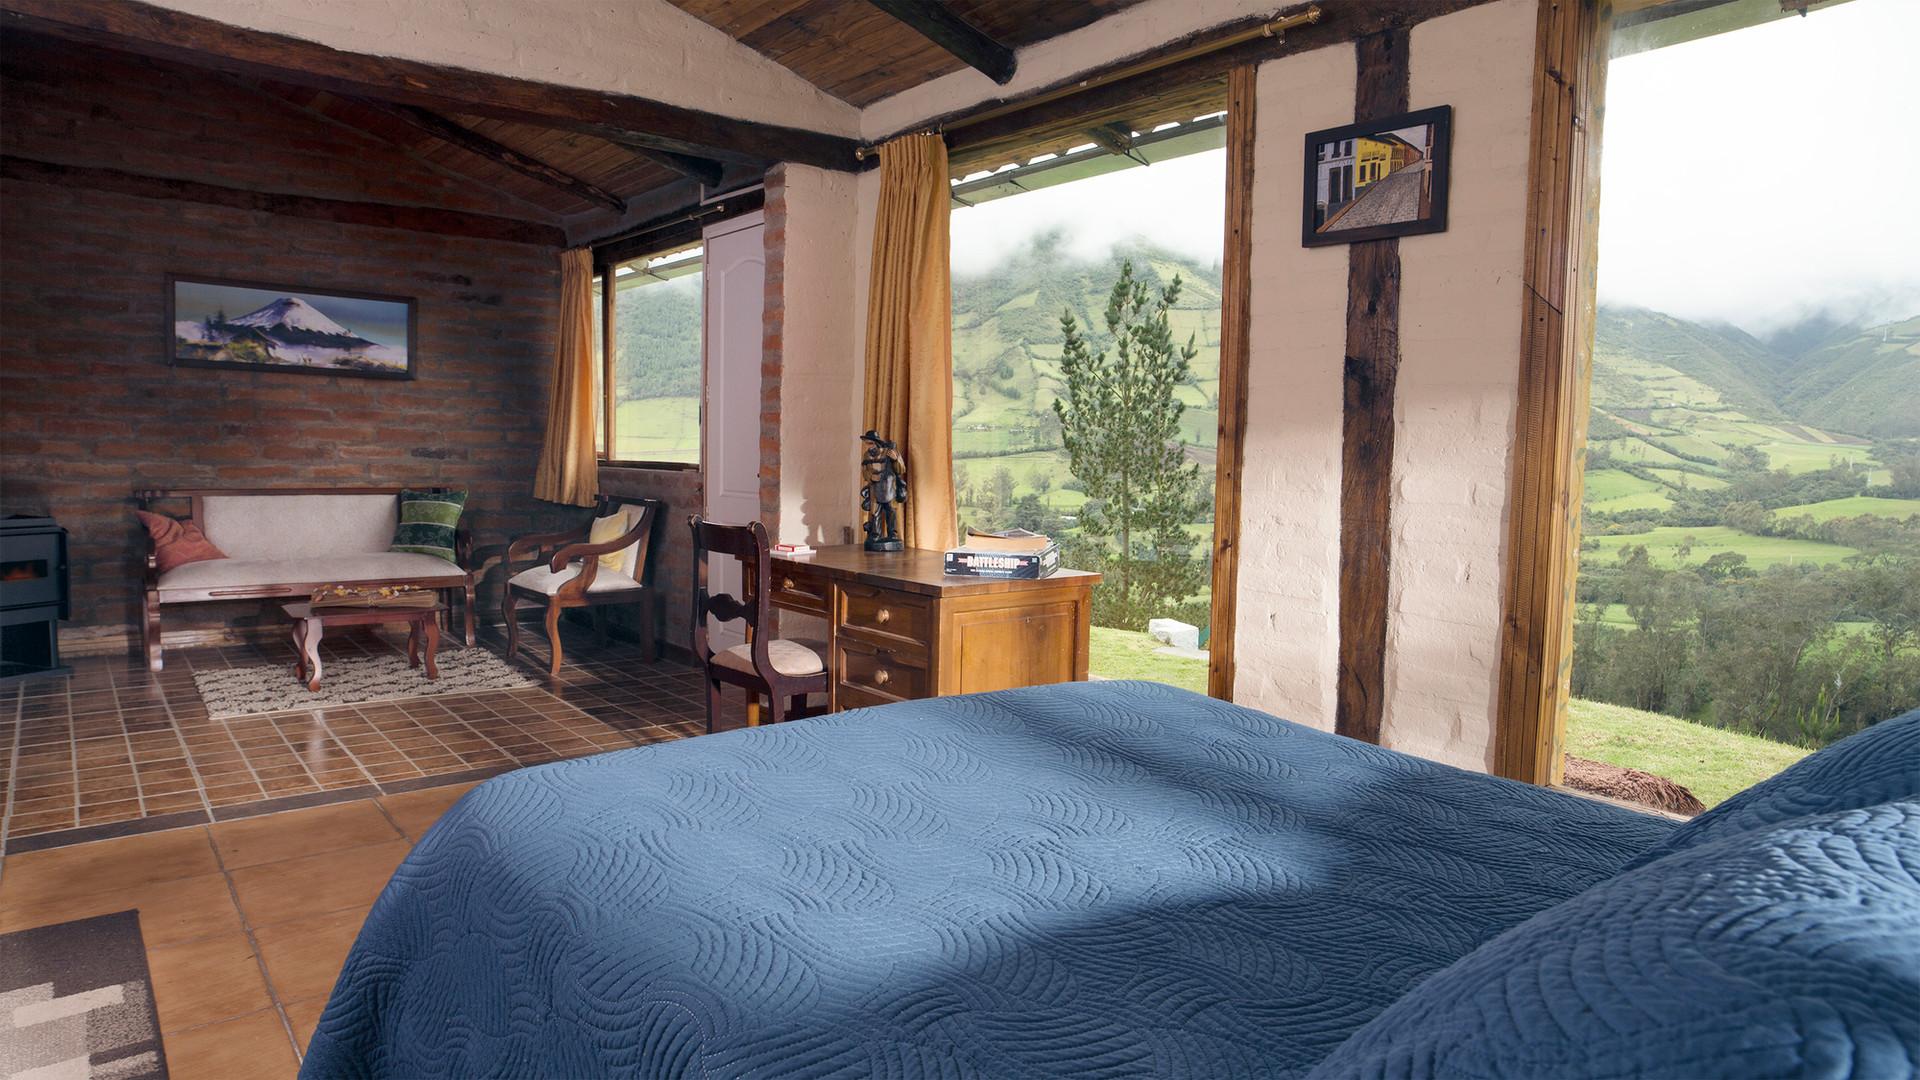 cabaña_2_interior_2.1.jpg